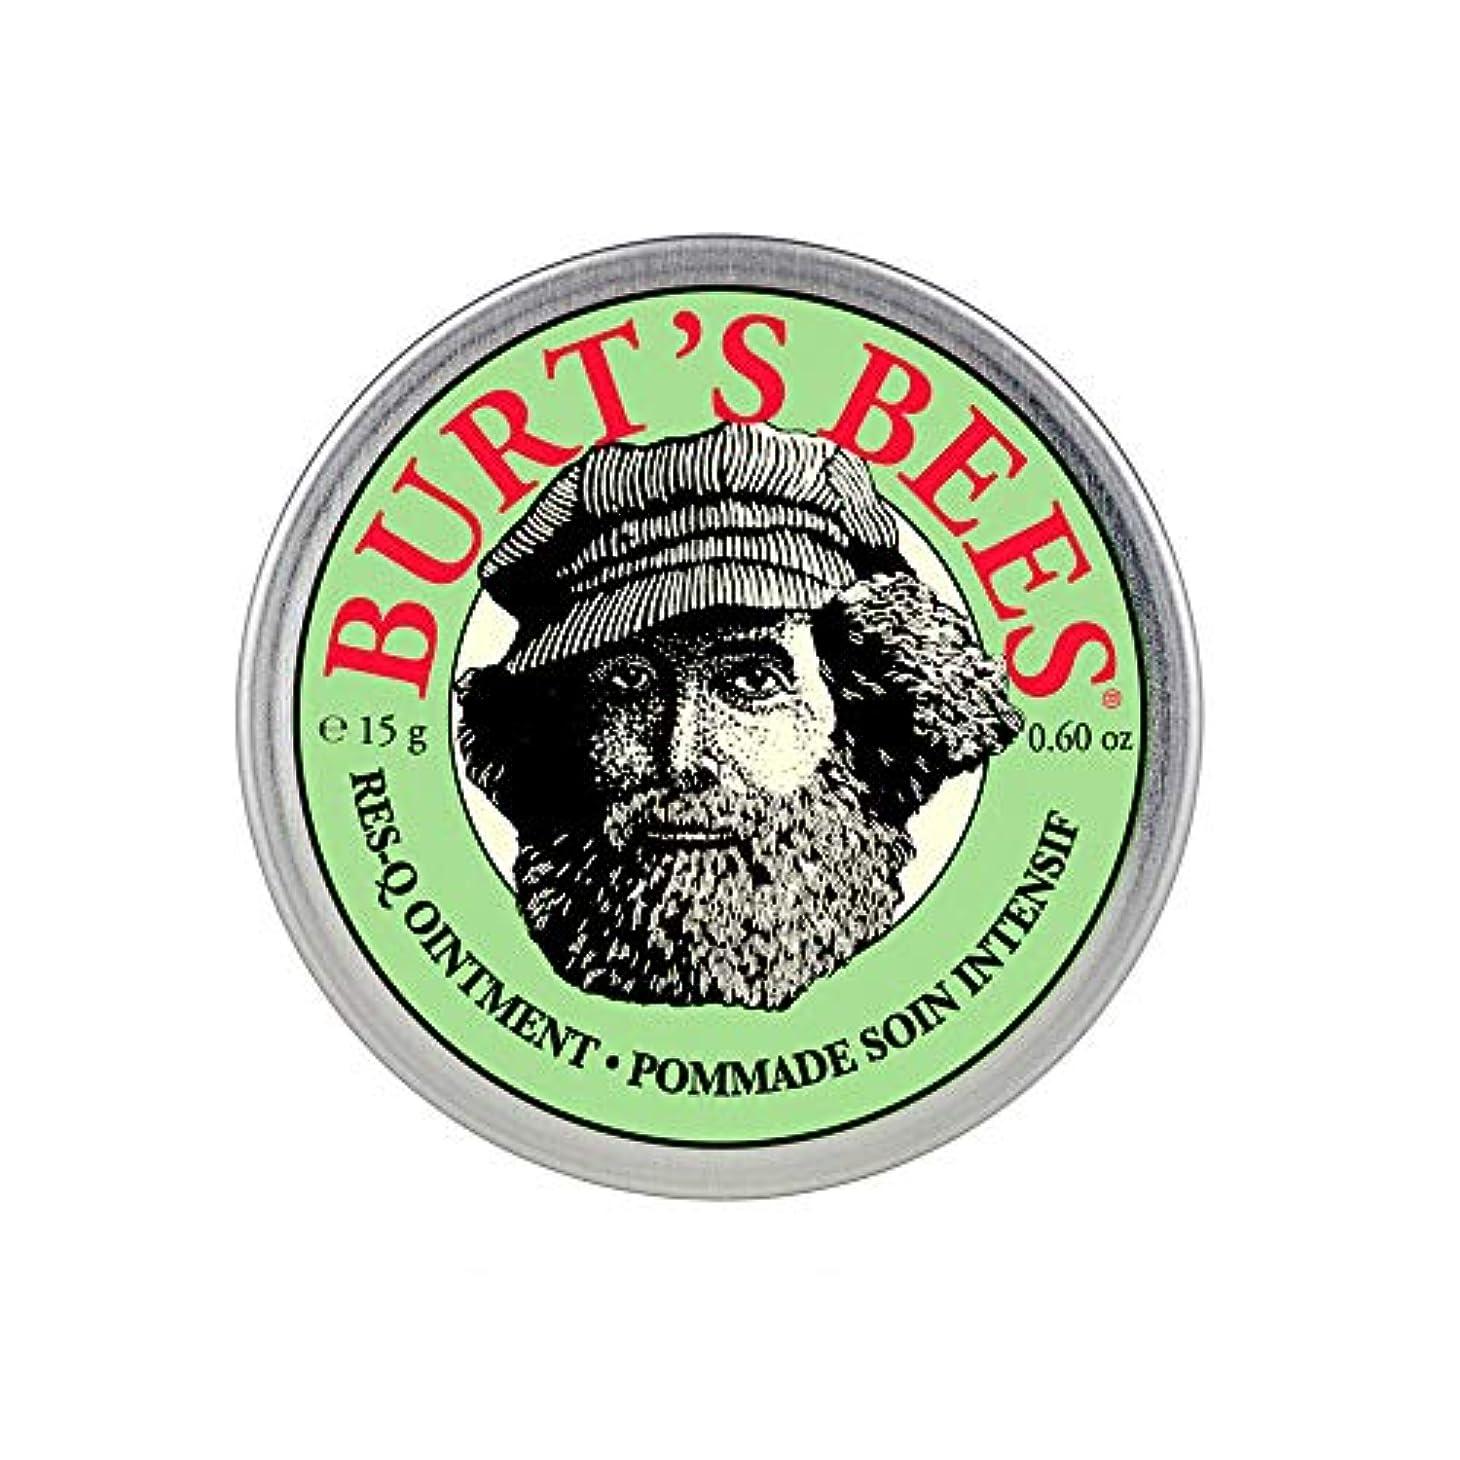 耐久エレベーター小間バーツビーズ(Burt's Bees) レスキュー オイントメント 15g [100%ナチュラル、軟膏] [海外直送][並行輸入品]